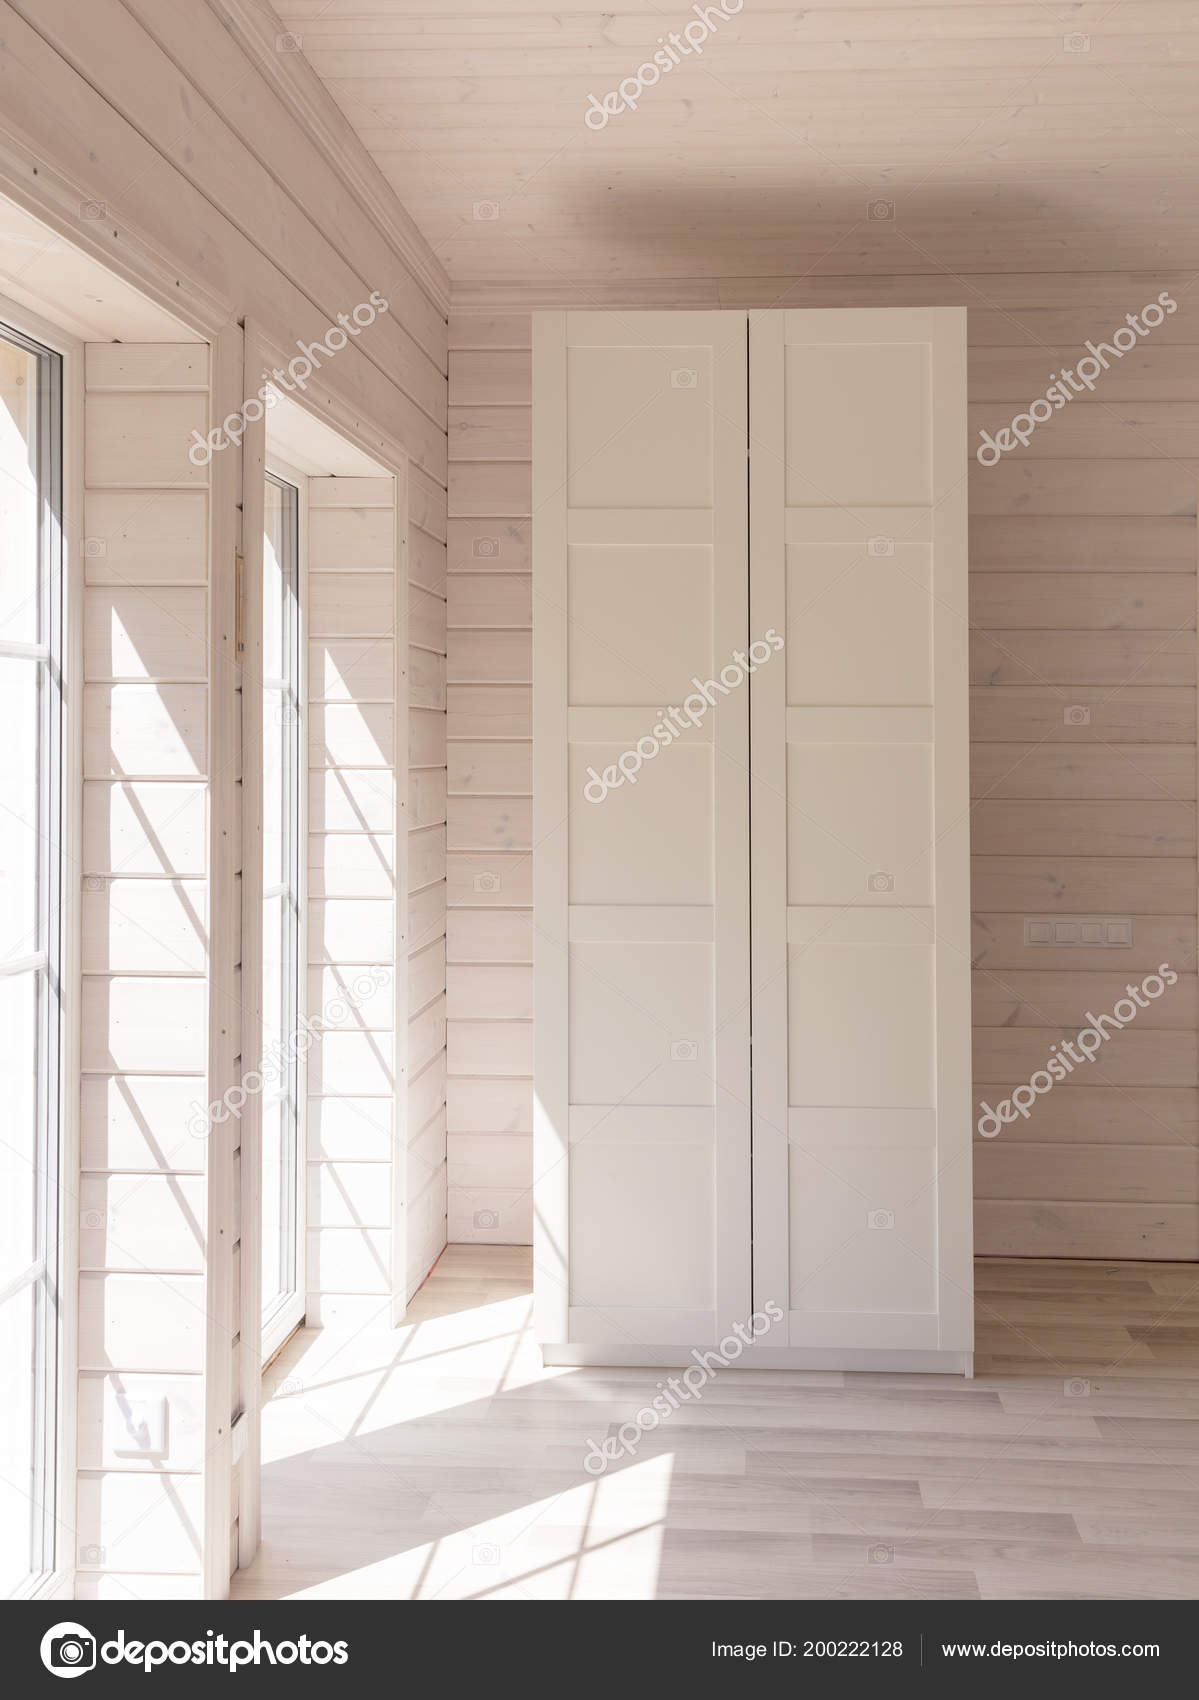 Appartamenti in stile scandinavo interiore di luce camera da letto in una casa di legno - Armadio bianco ikea ...